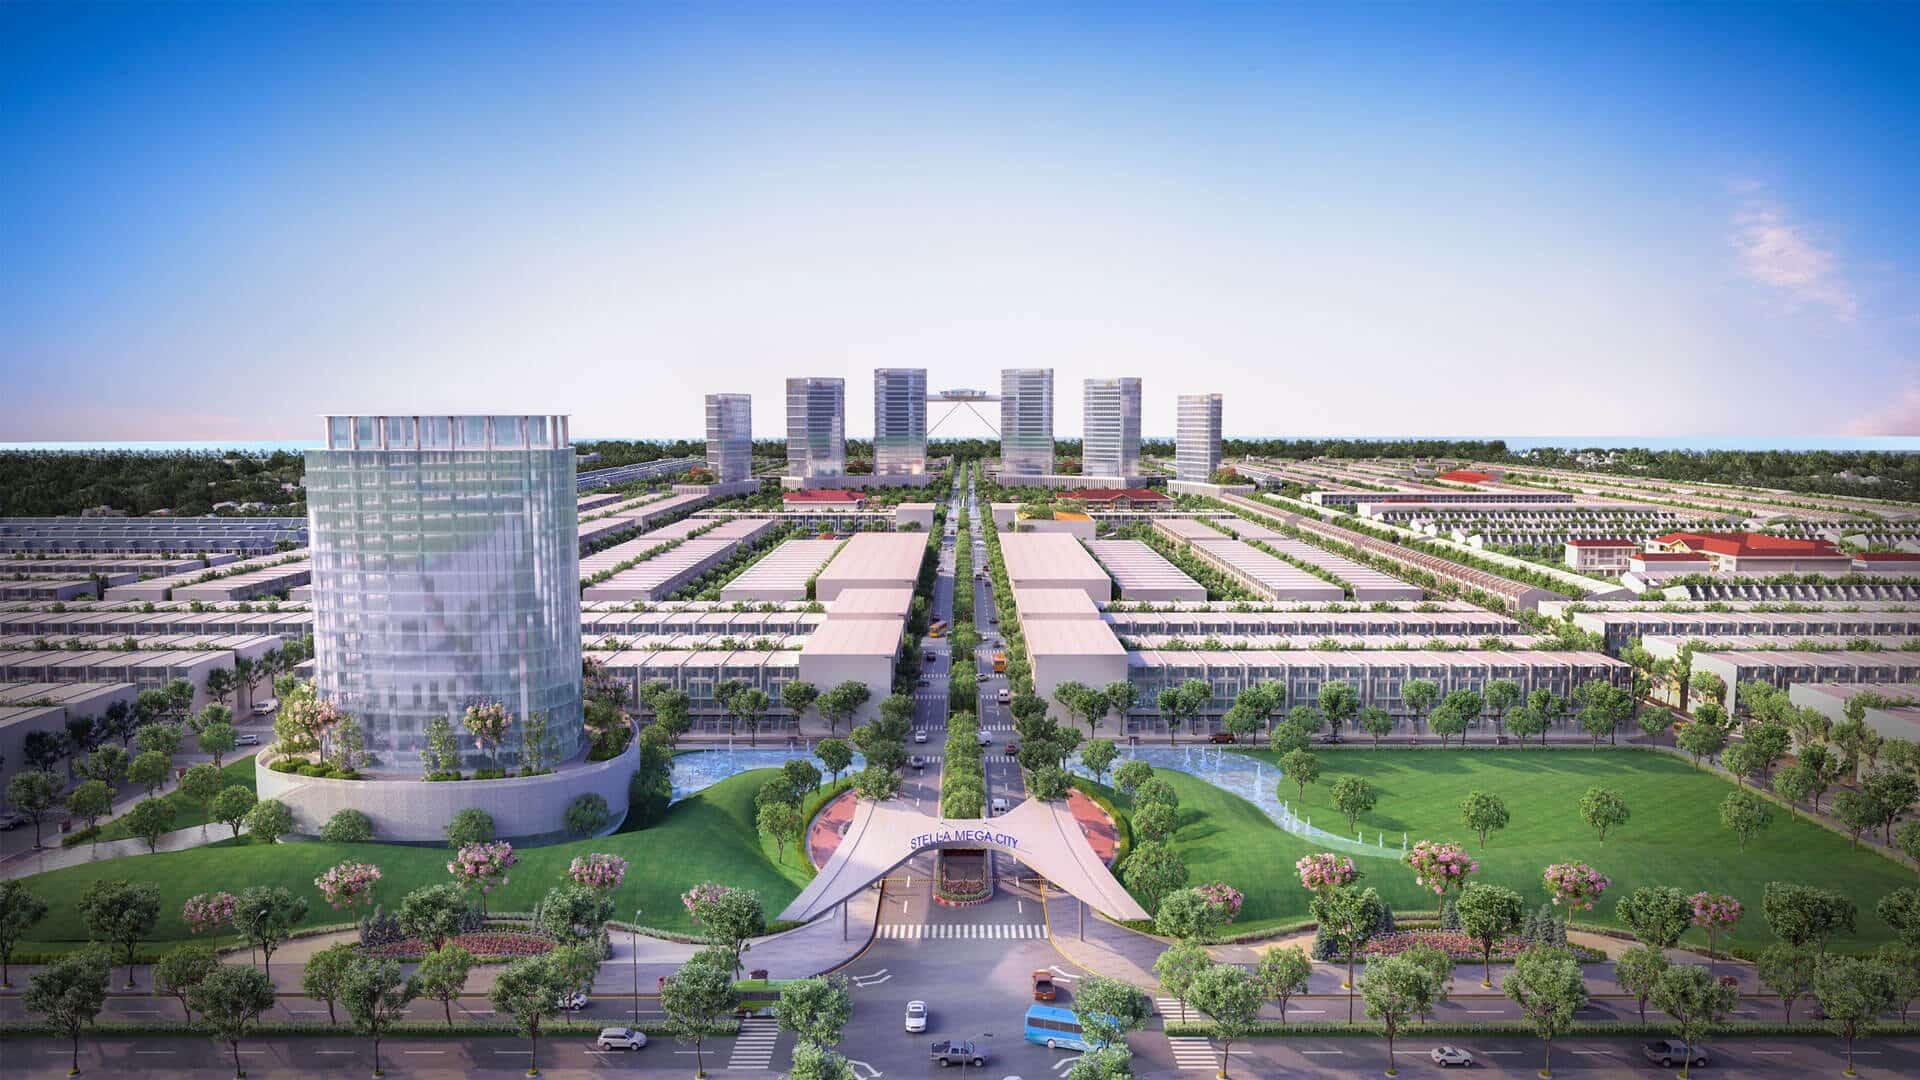 Dự án Stella Mega City Cần Thơ với 154ha và hơn 4,000 sản phẩm